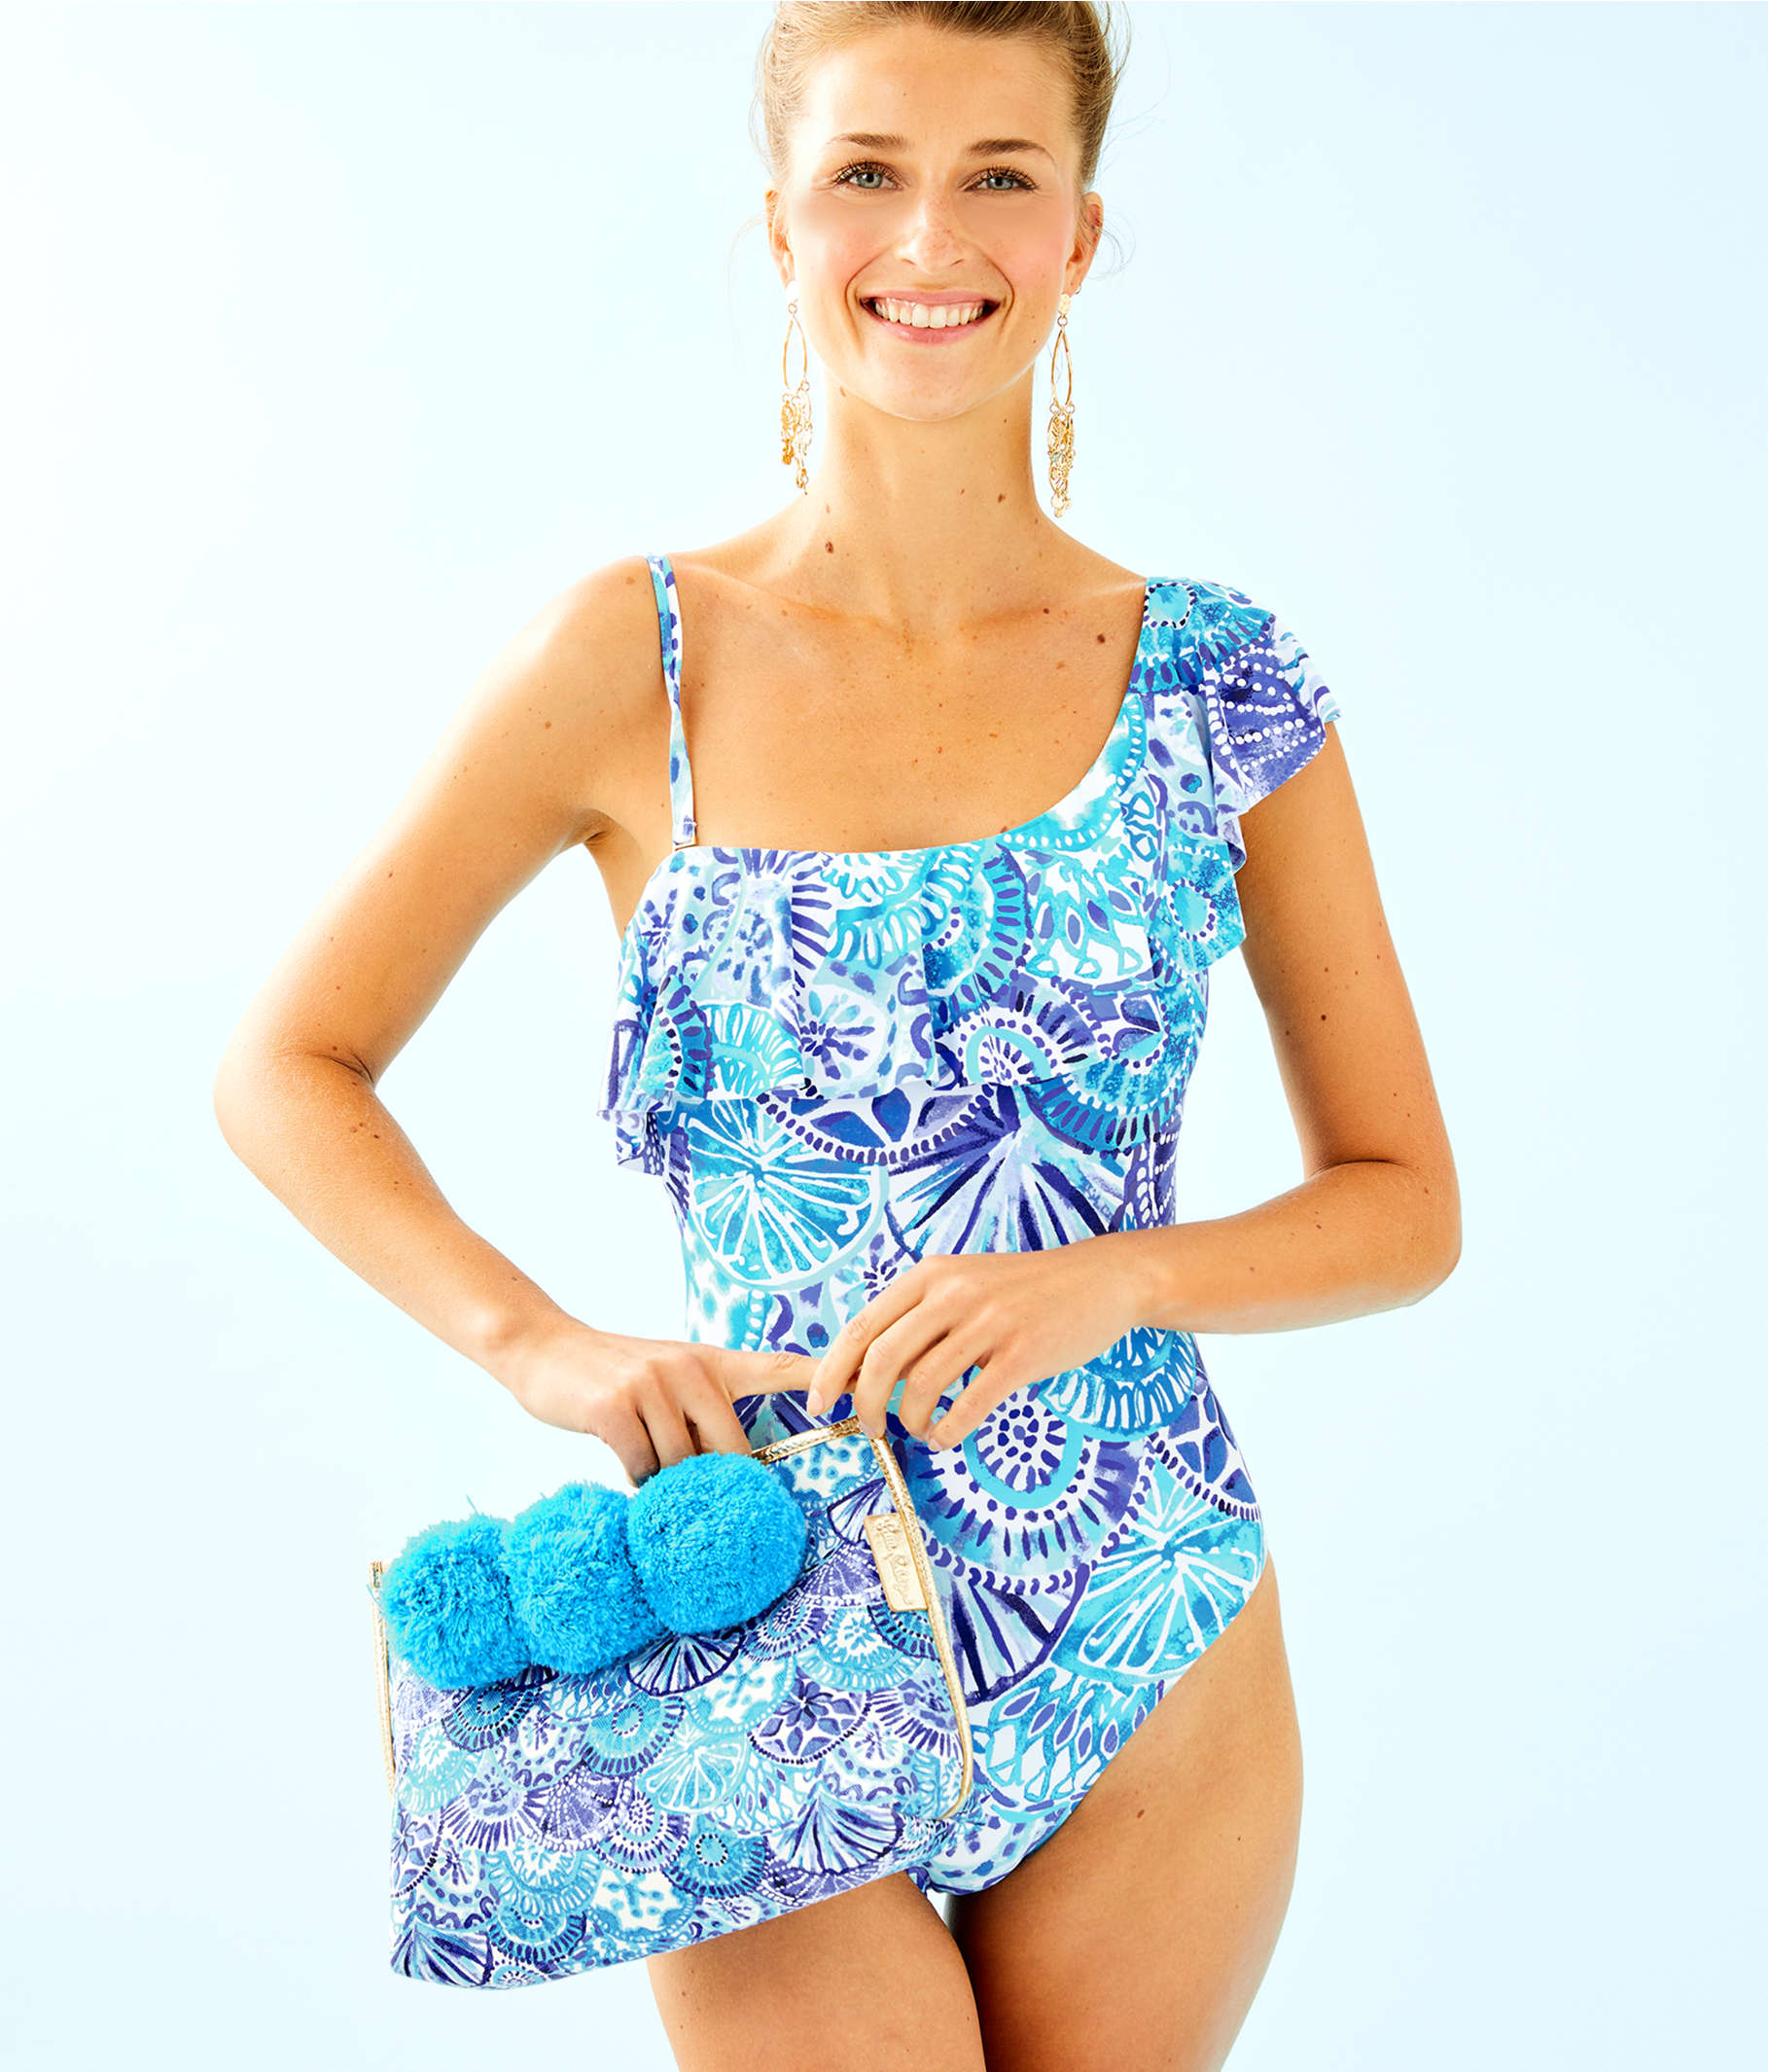 d5f589ff04 ... Tropez One Piece Swimsuit